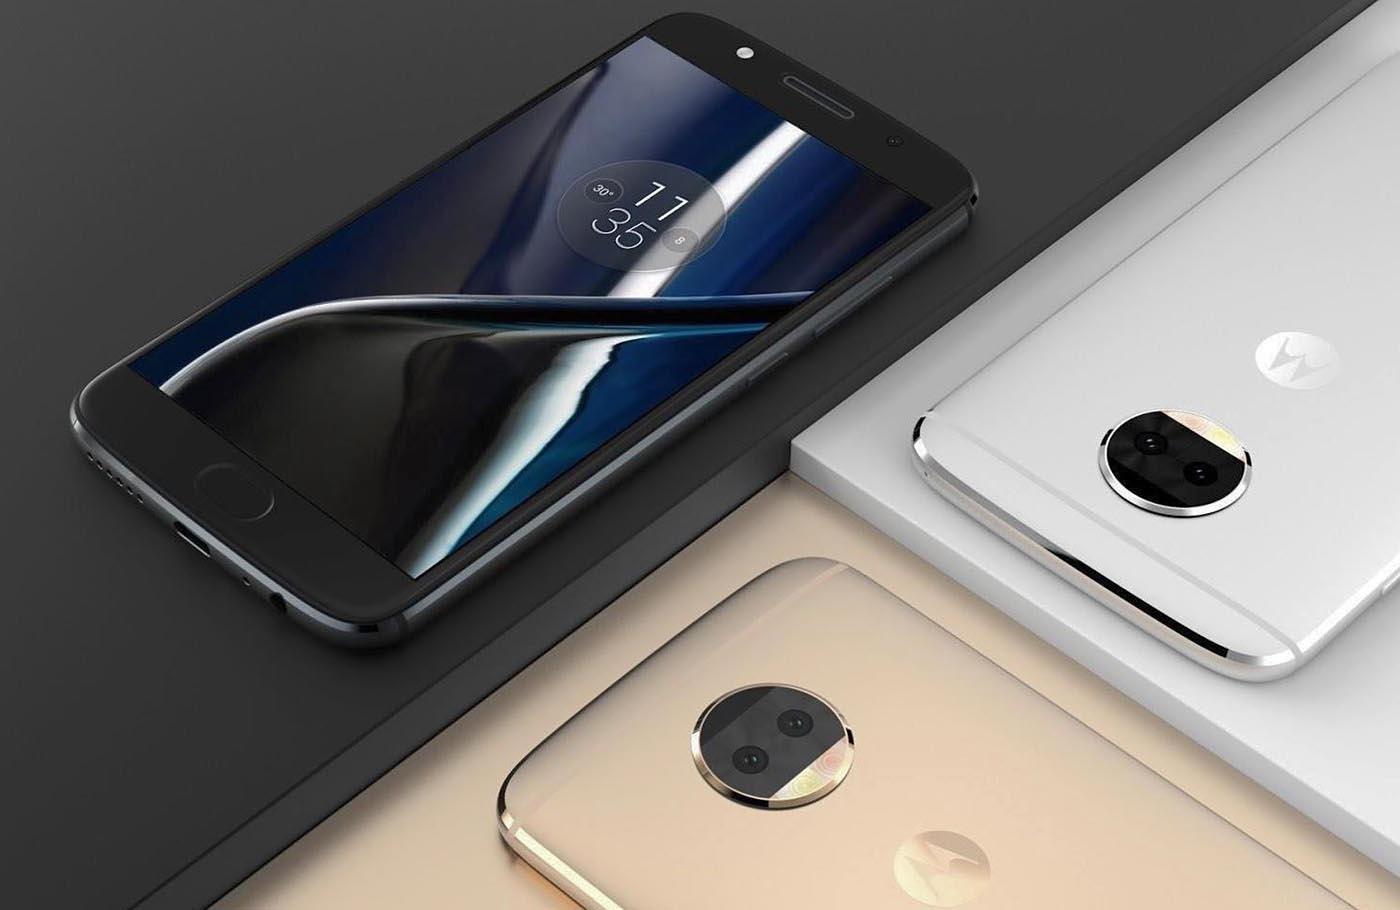 El nuevo Moto G5S Plus